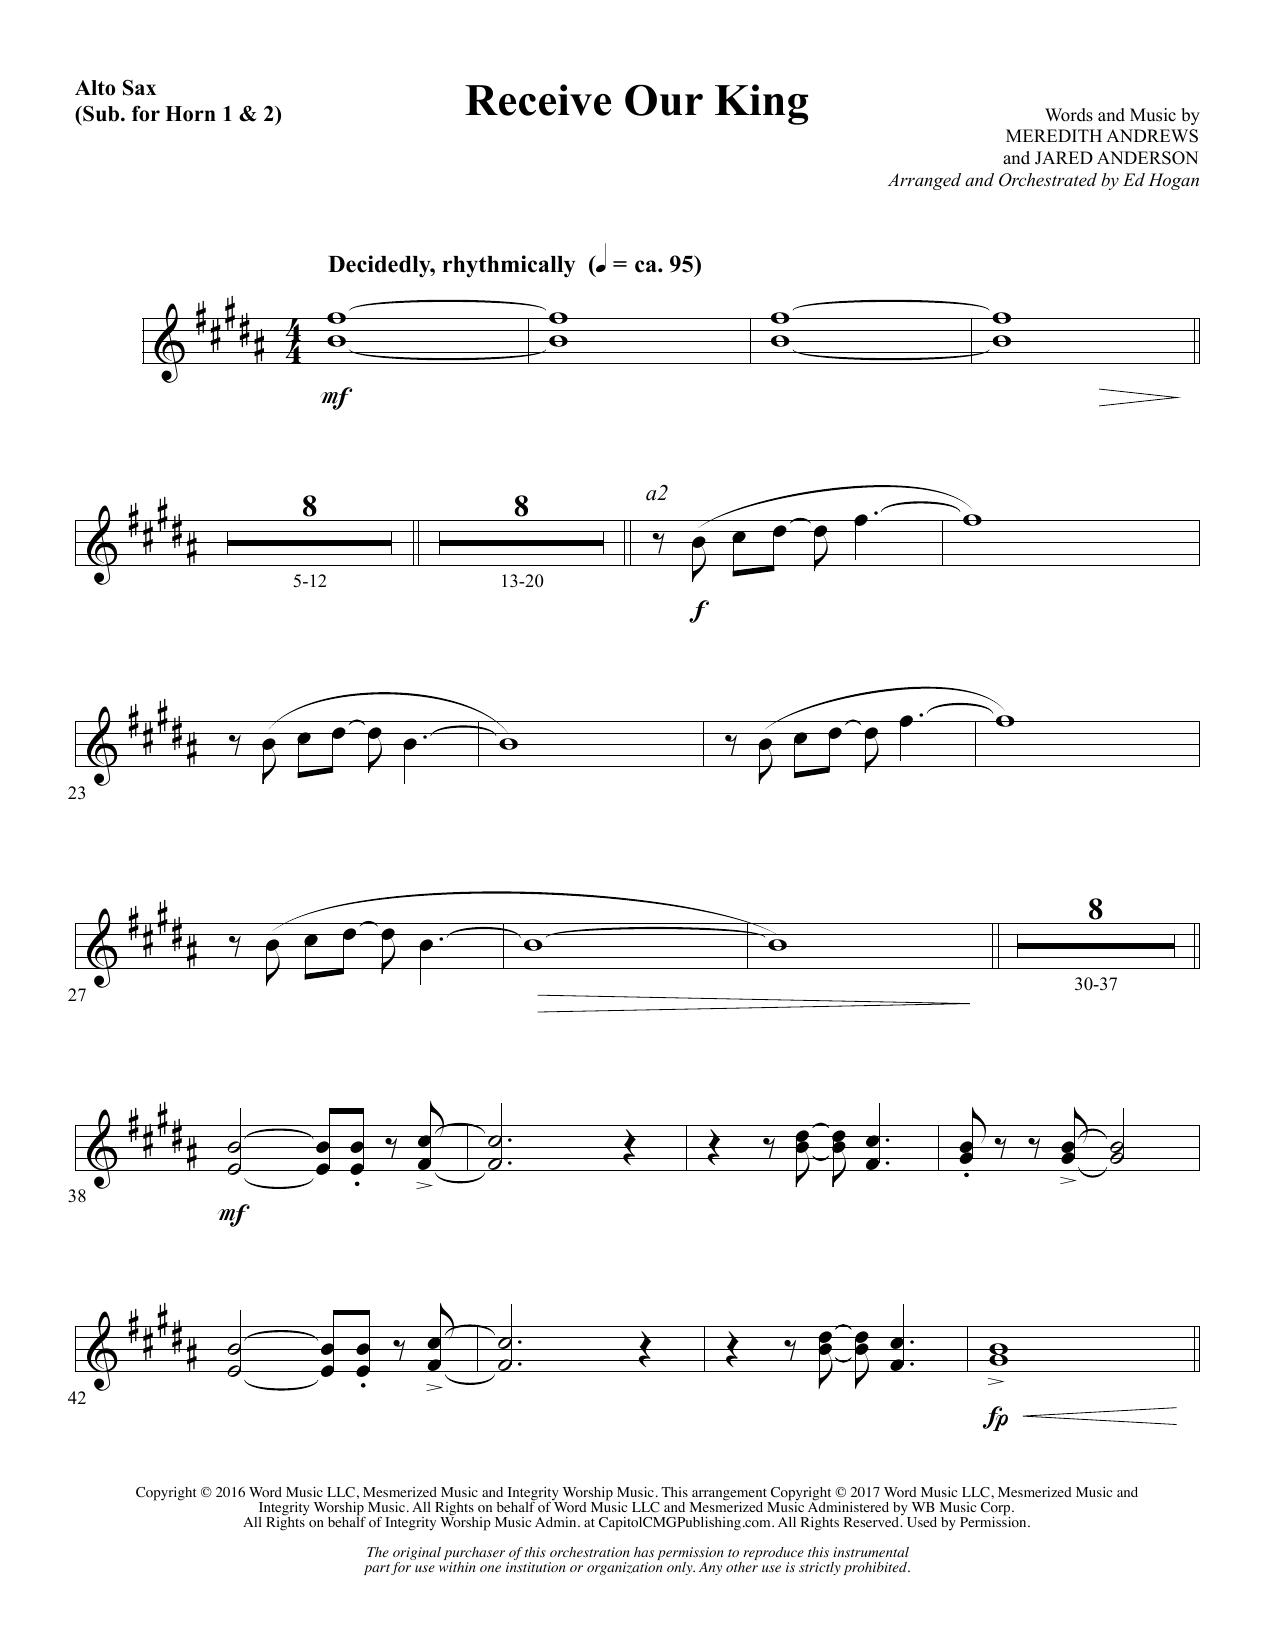 Receive Our King - Alto Sax 1 & 2 (Sub. Horn) (Choir Instrumental Pak)